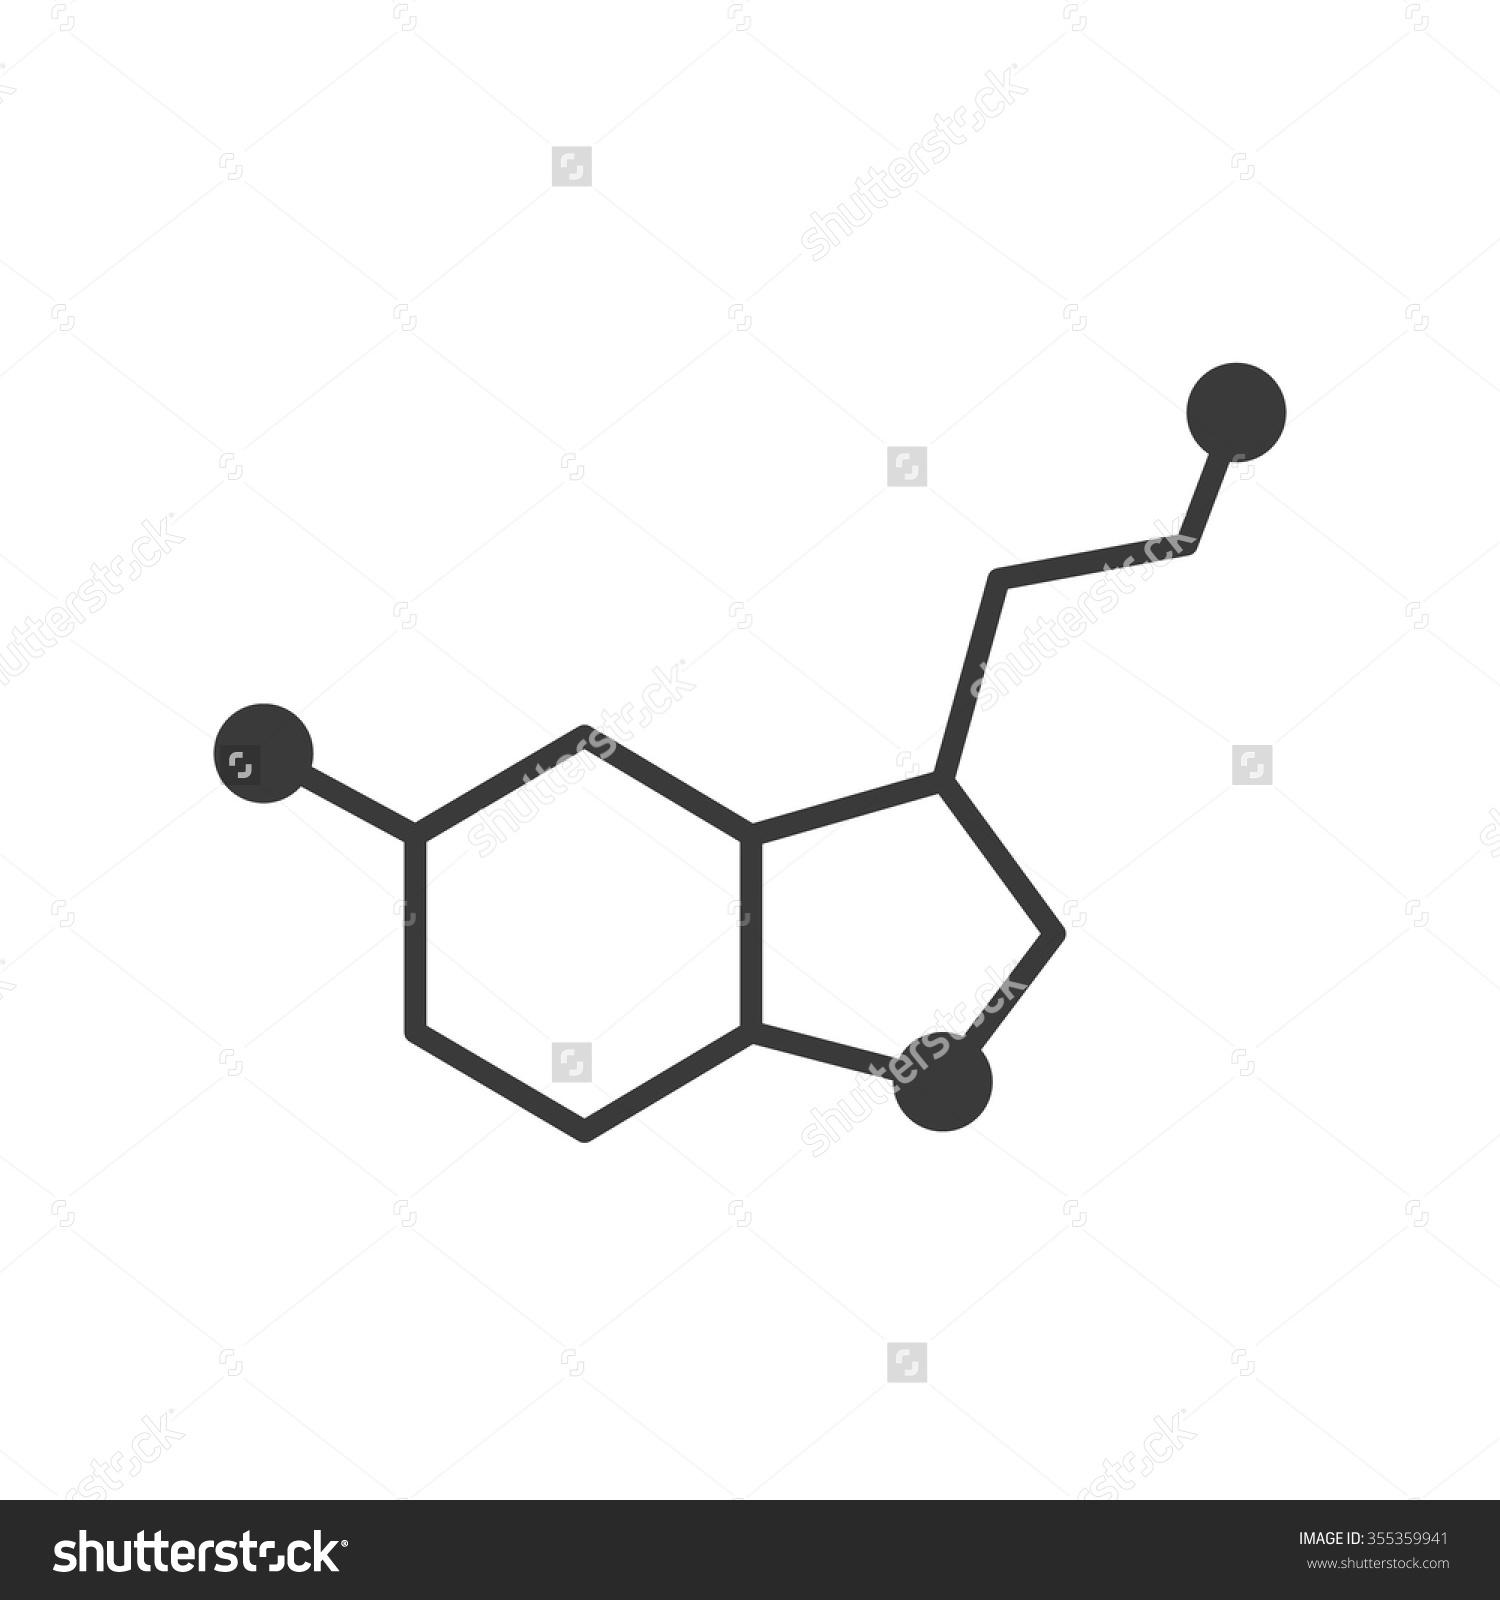 Serotonin and Dopamine Clip Art.